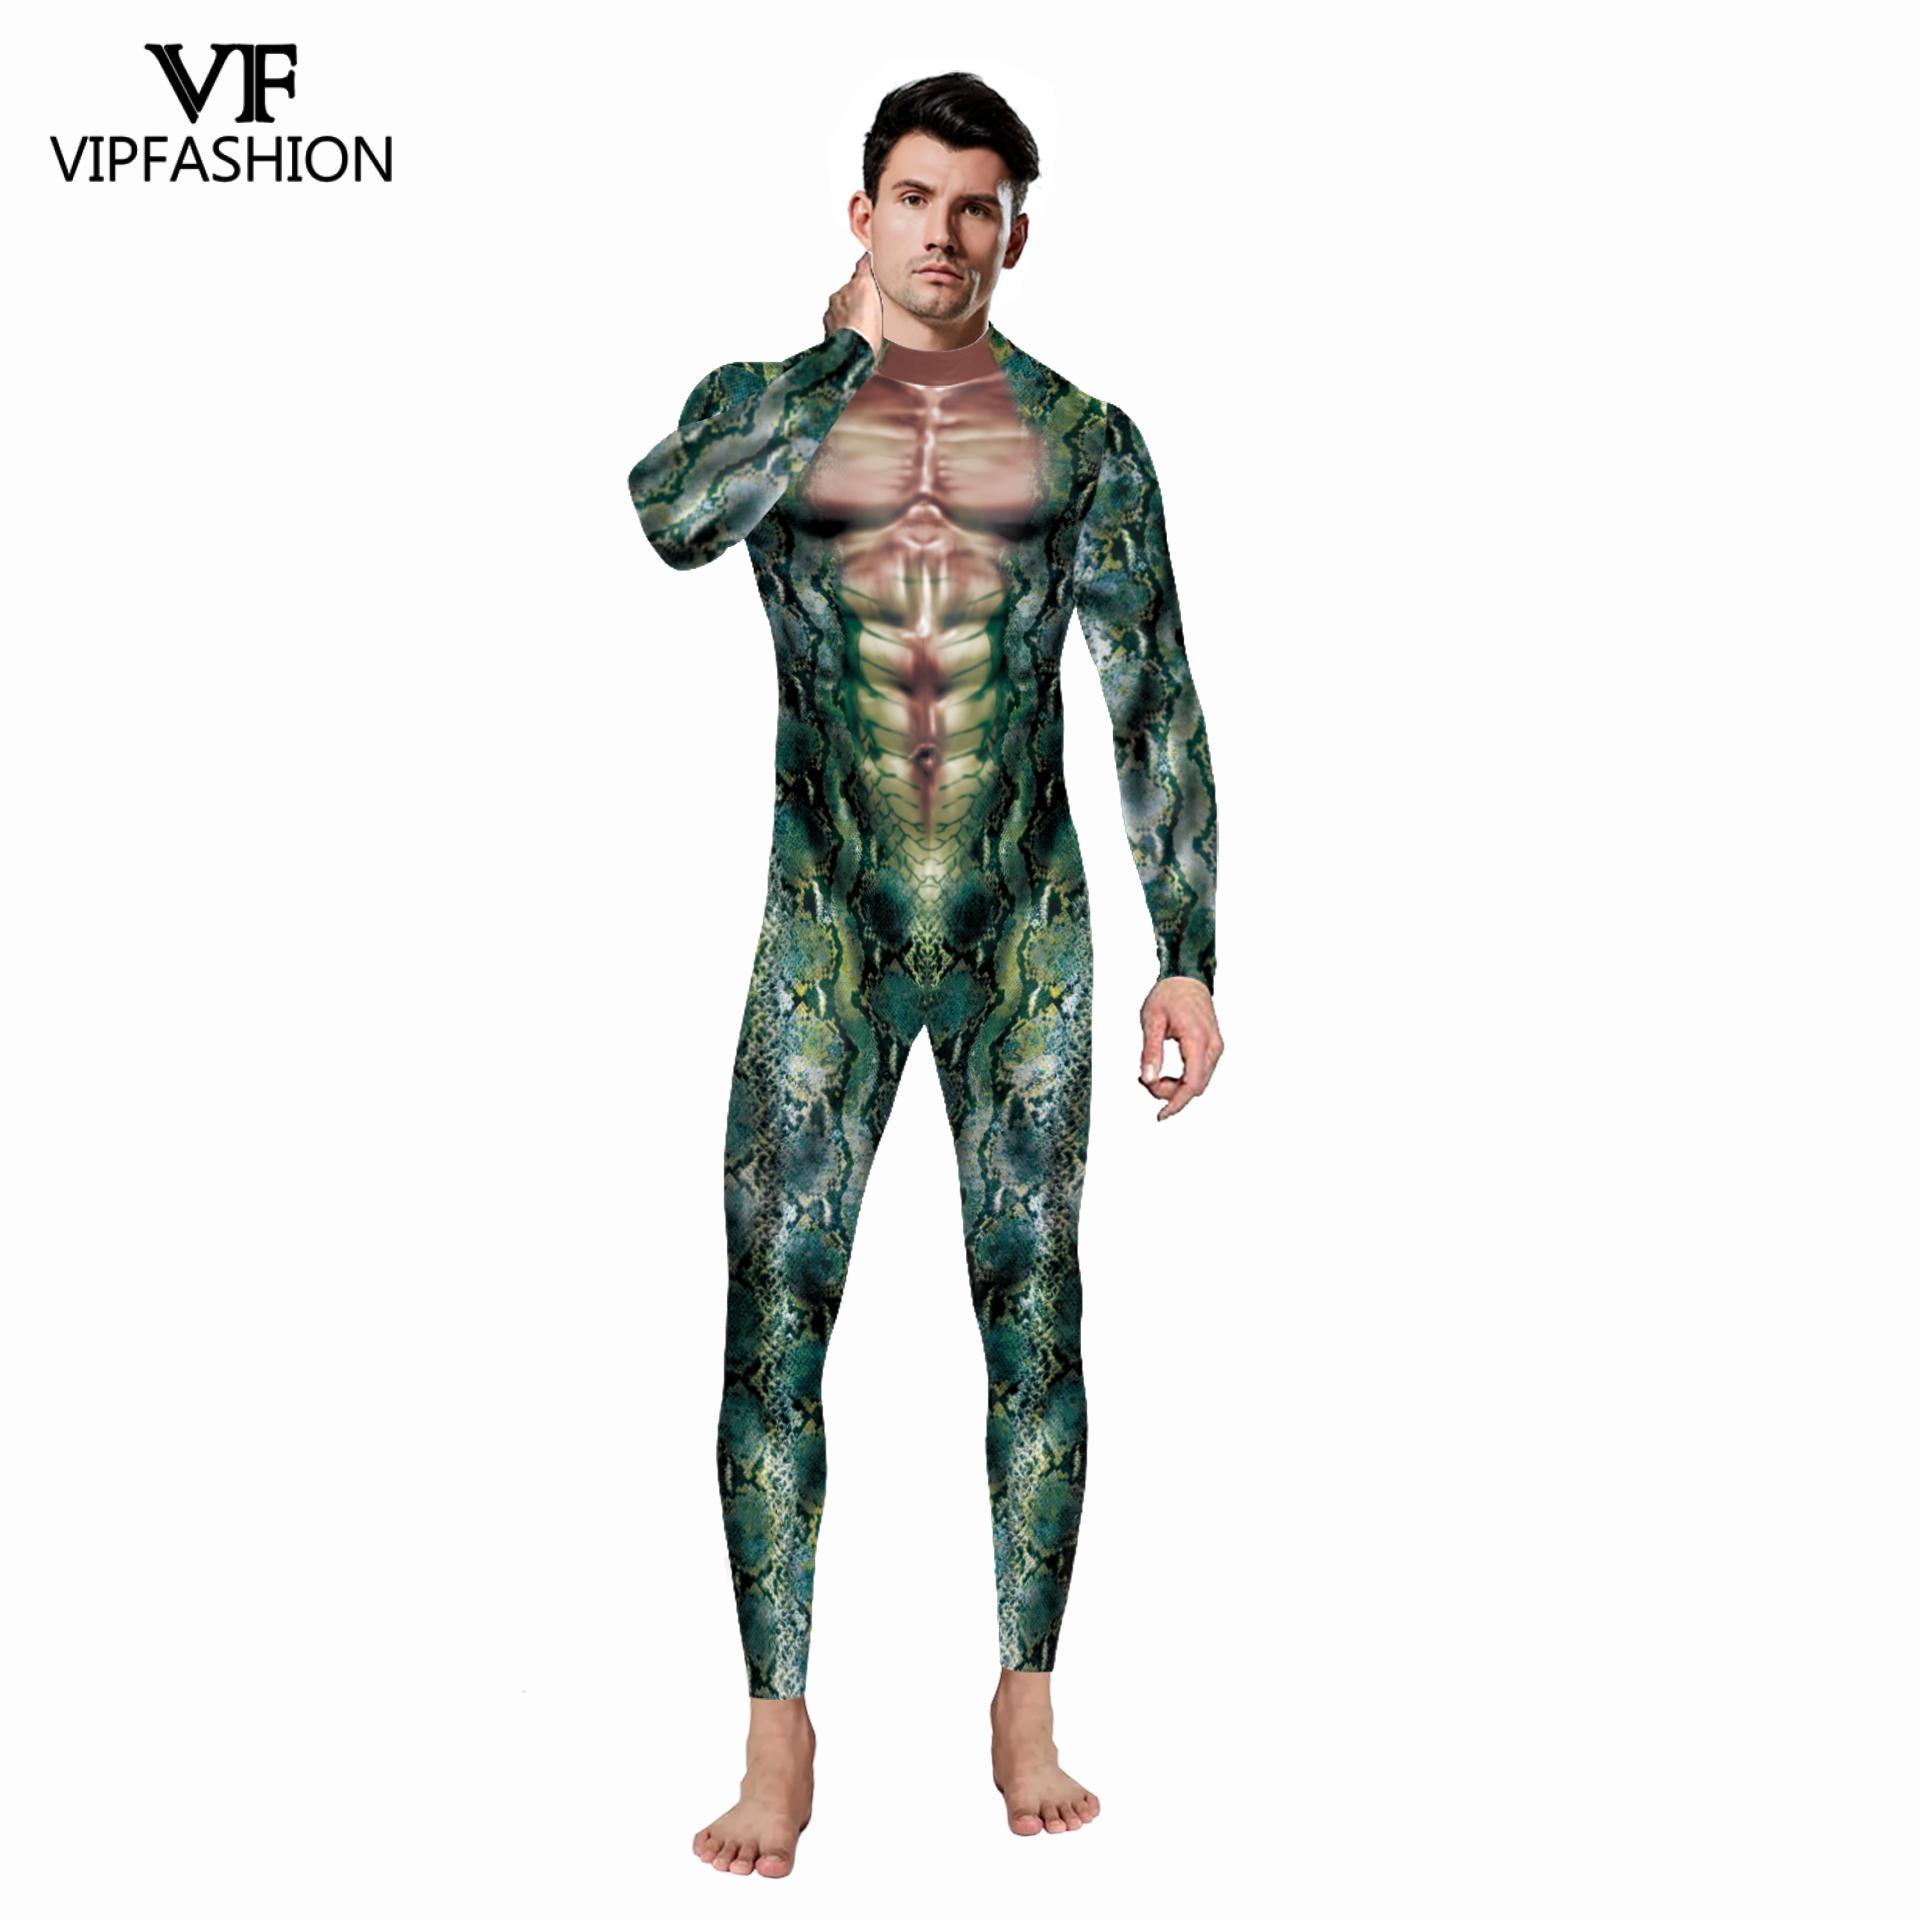 VIP модная пикантная обувь для взрослых; Мужские костюмы на Хэллоуин со змеиным рисунком 3D, объемная печать, животные, вечерние, Zentai, костюм ко...